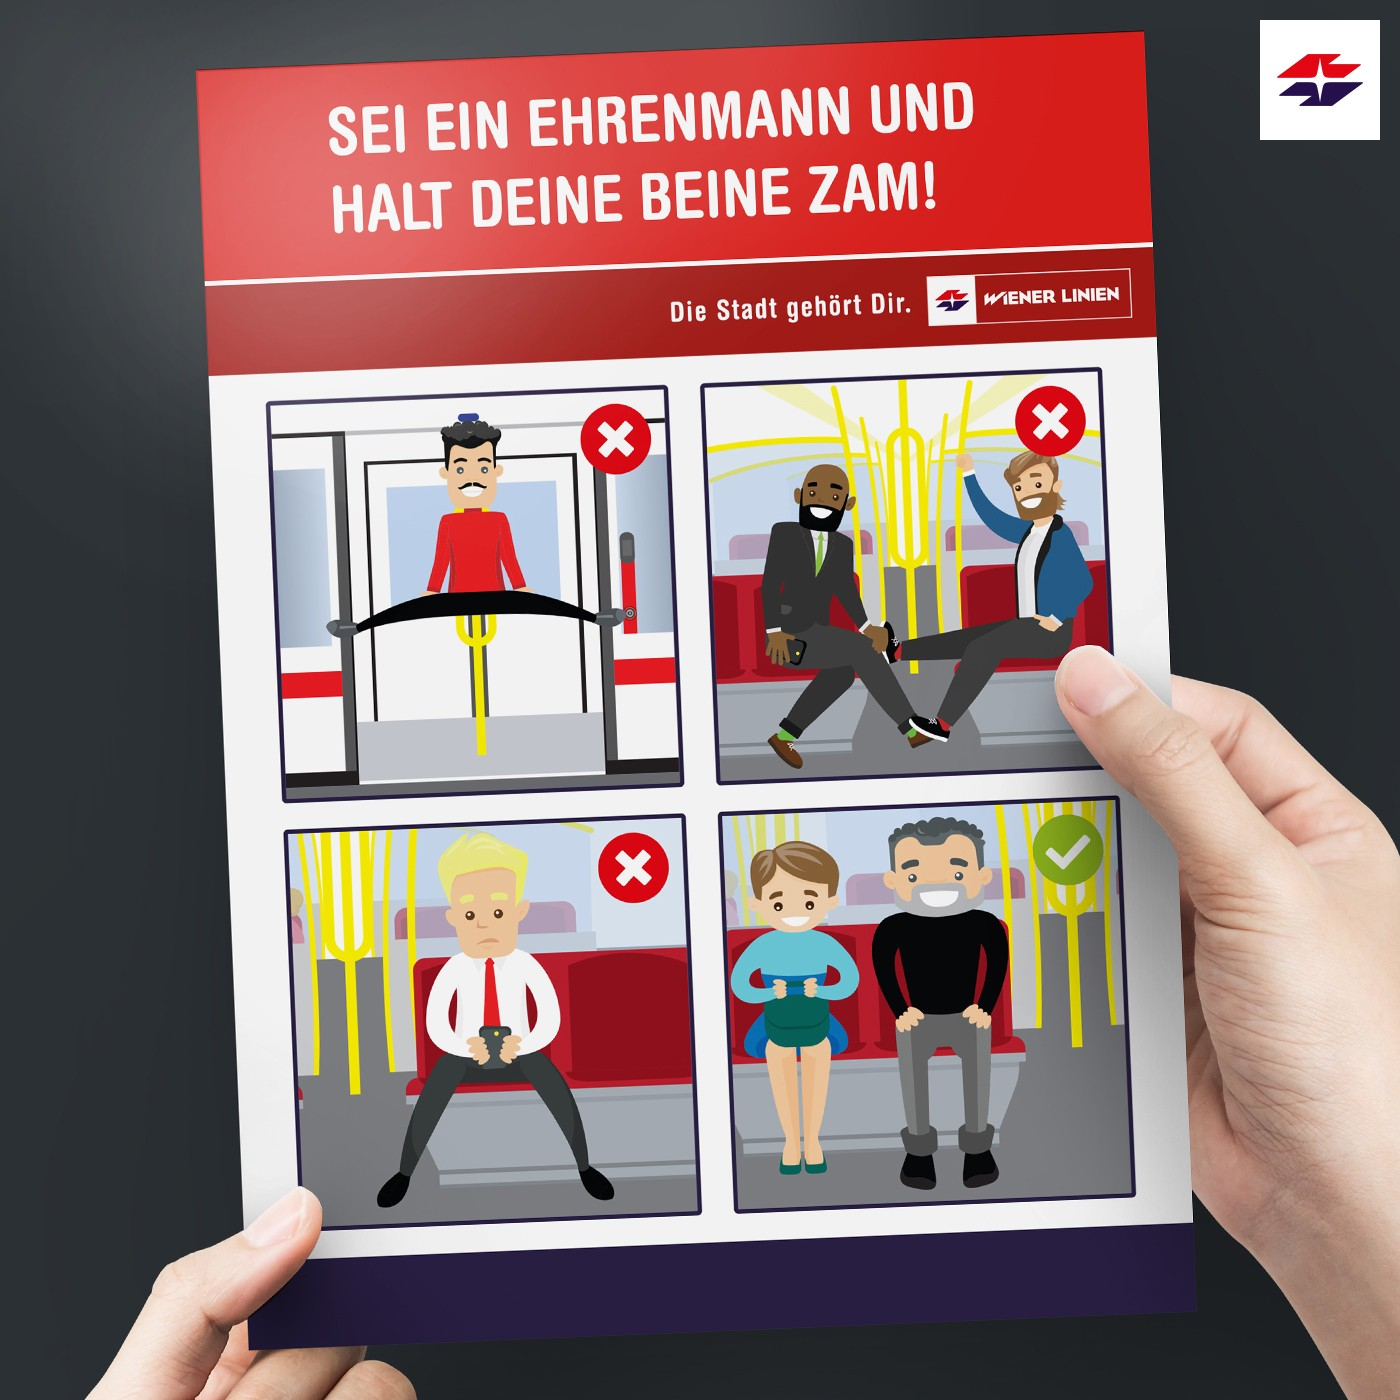 Legyél úriember, és ülj zárt lábakkal - Kampány indult a terpeszkedő utasok ellen Bécsben